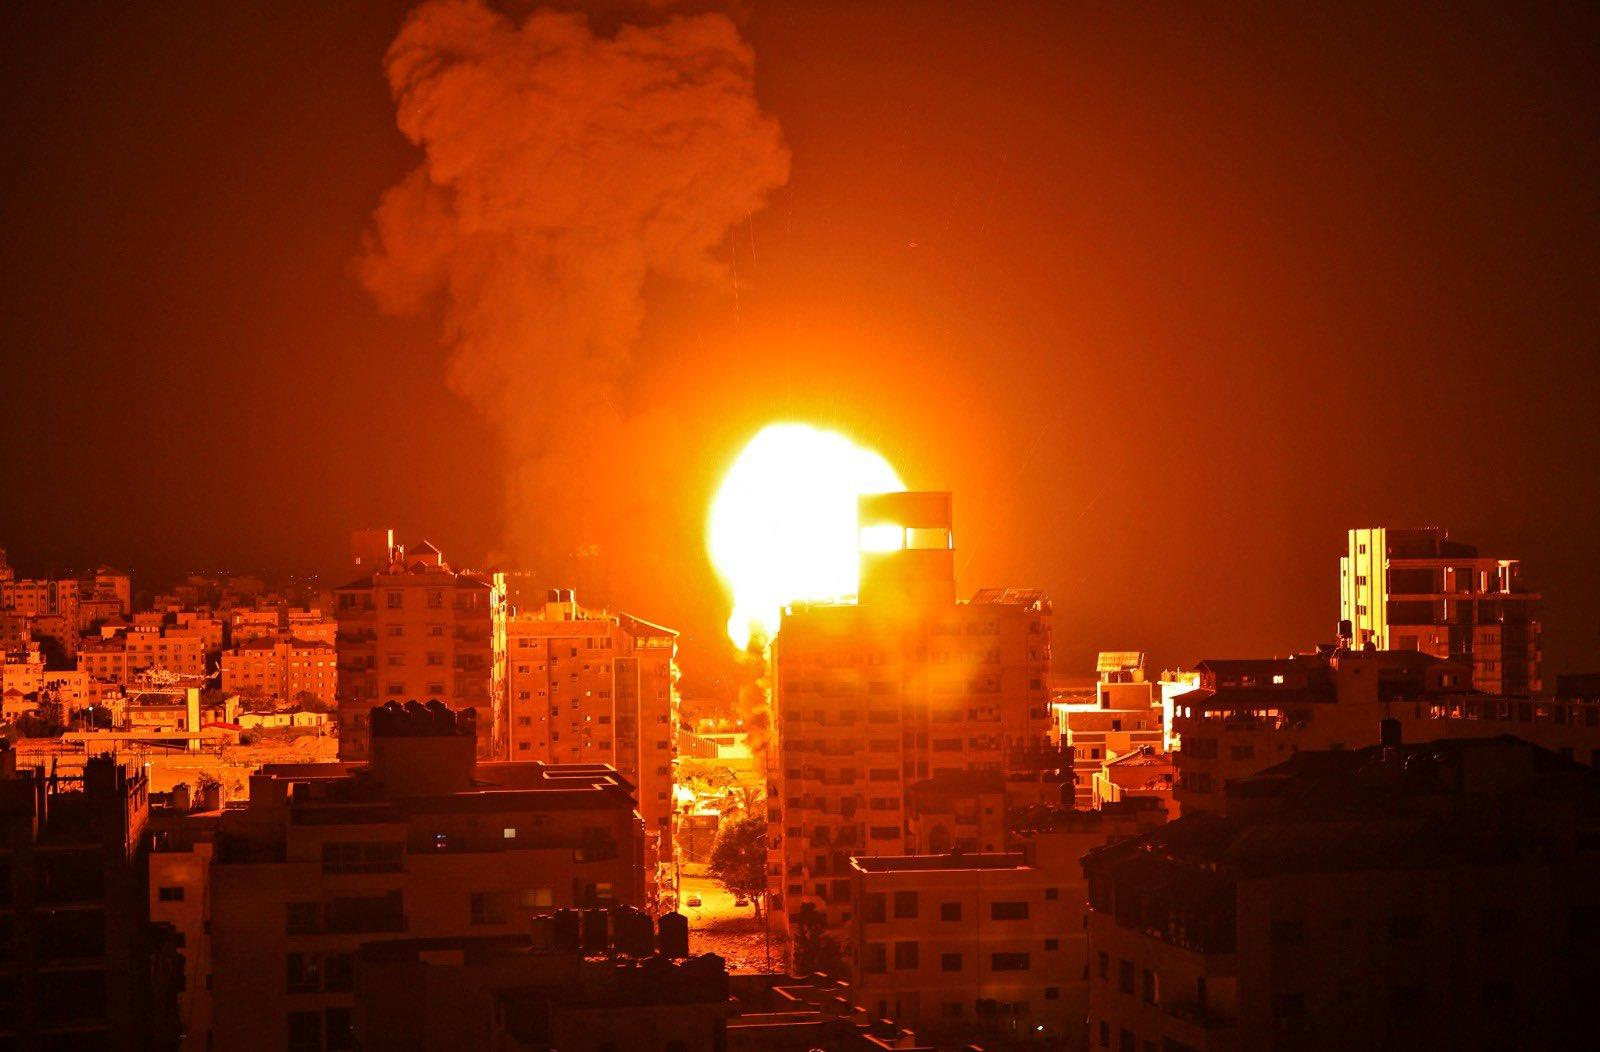 قصف غزة بأكثر من 100 غارة في اليوم الثامن للمواجهات